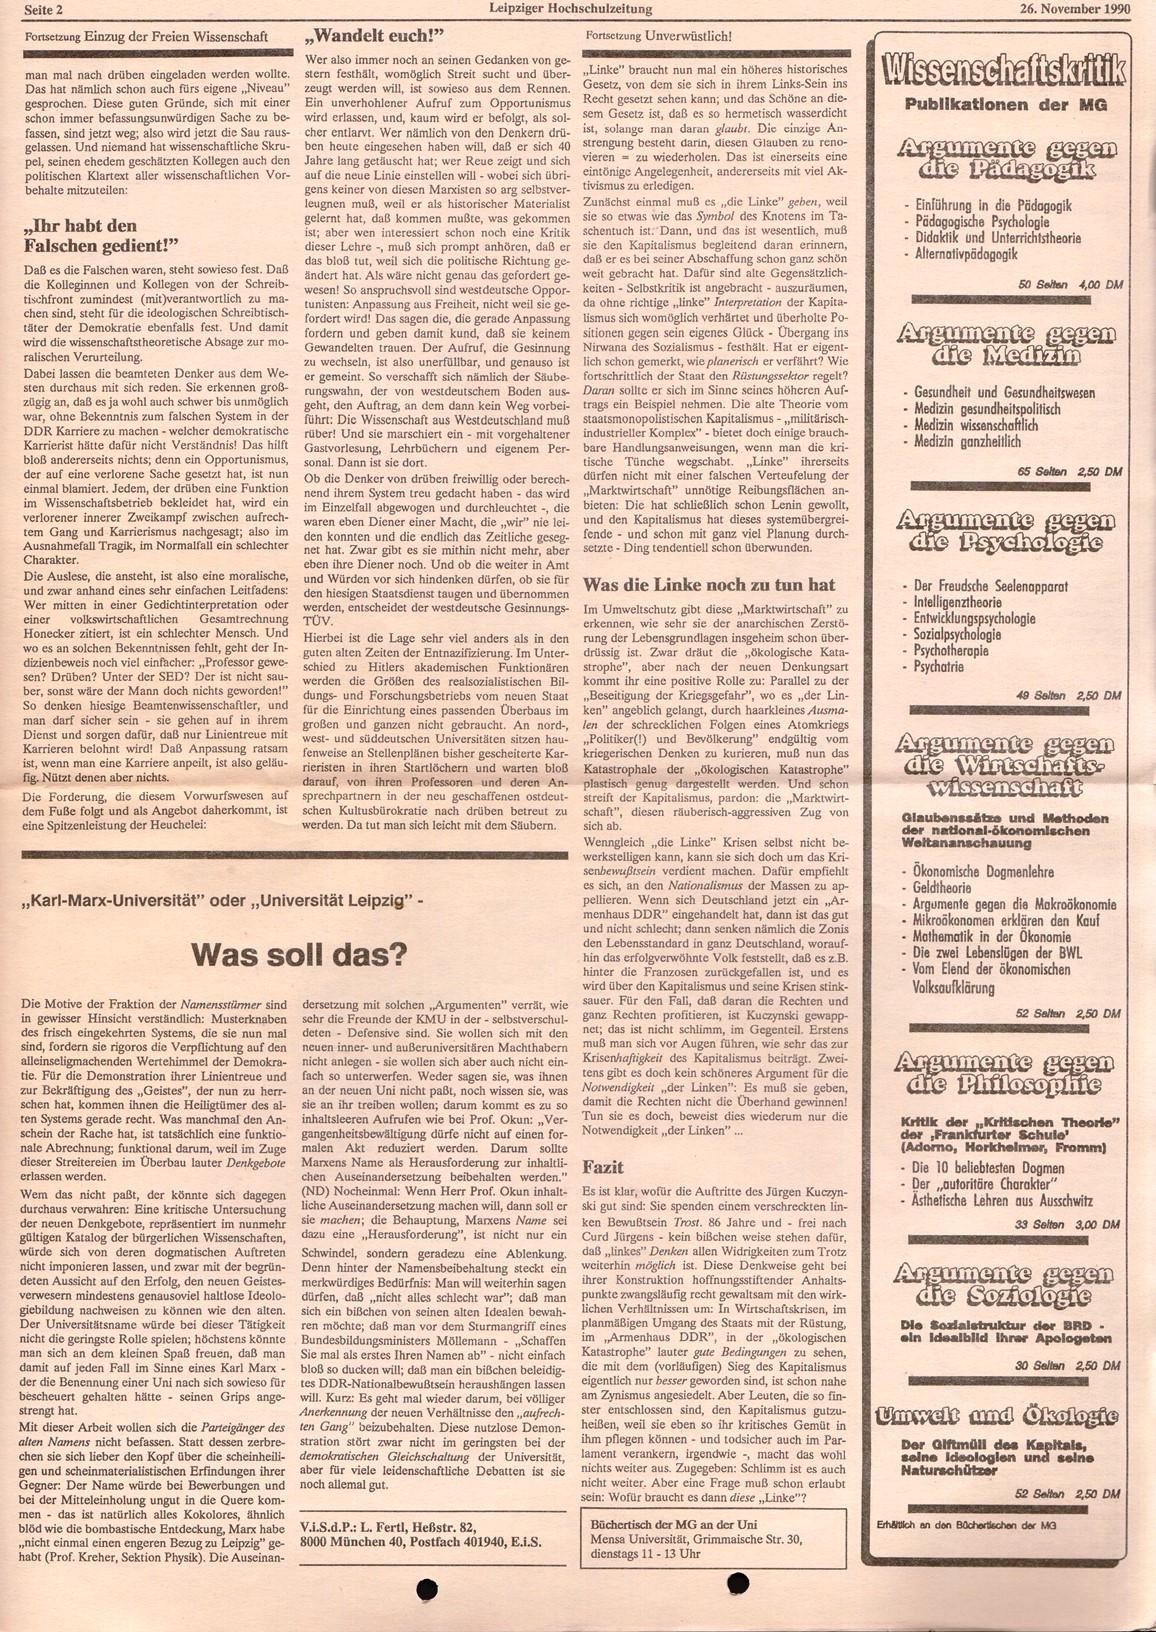 Leipzig_MG_Hochschulzeitung_19901126_02